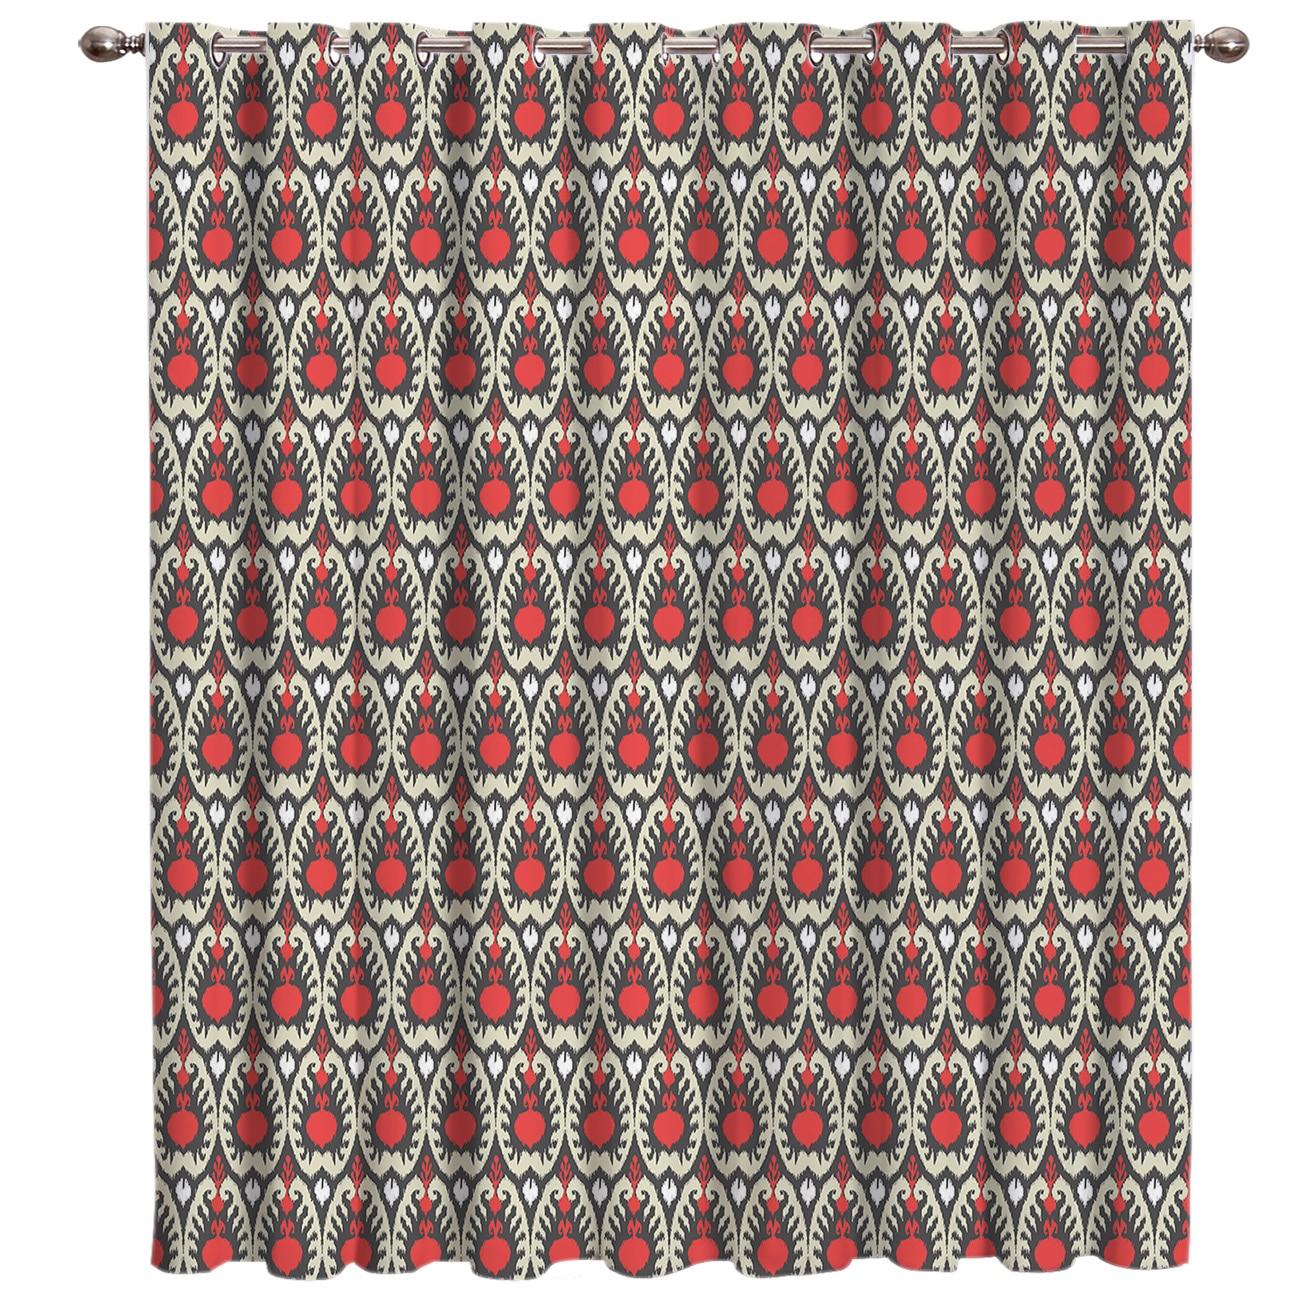 Full Size of Vorhang Küche Indischen Ethnischen Blume Fenster Vorhnge Dark Kche Aufbewahrungsbehälter Einbauküche Kaufen Planen Kostenlos Vorhänge Laminat Lüftung Wohnzimmer Vorhang Ideen Küche